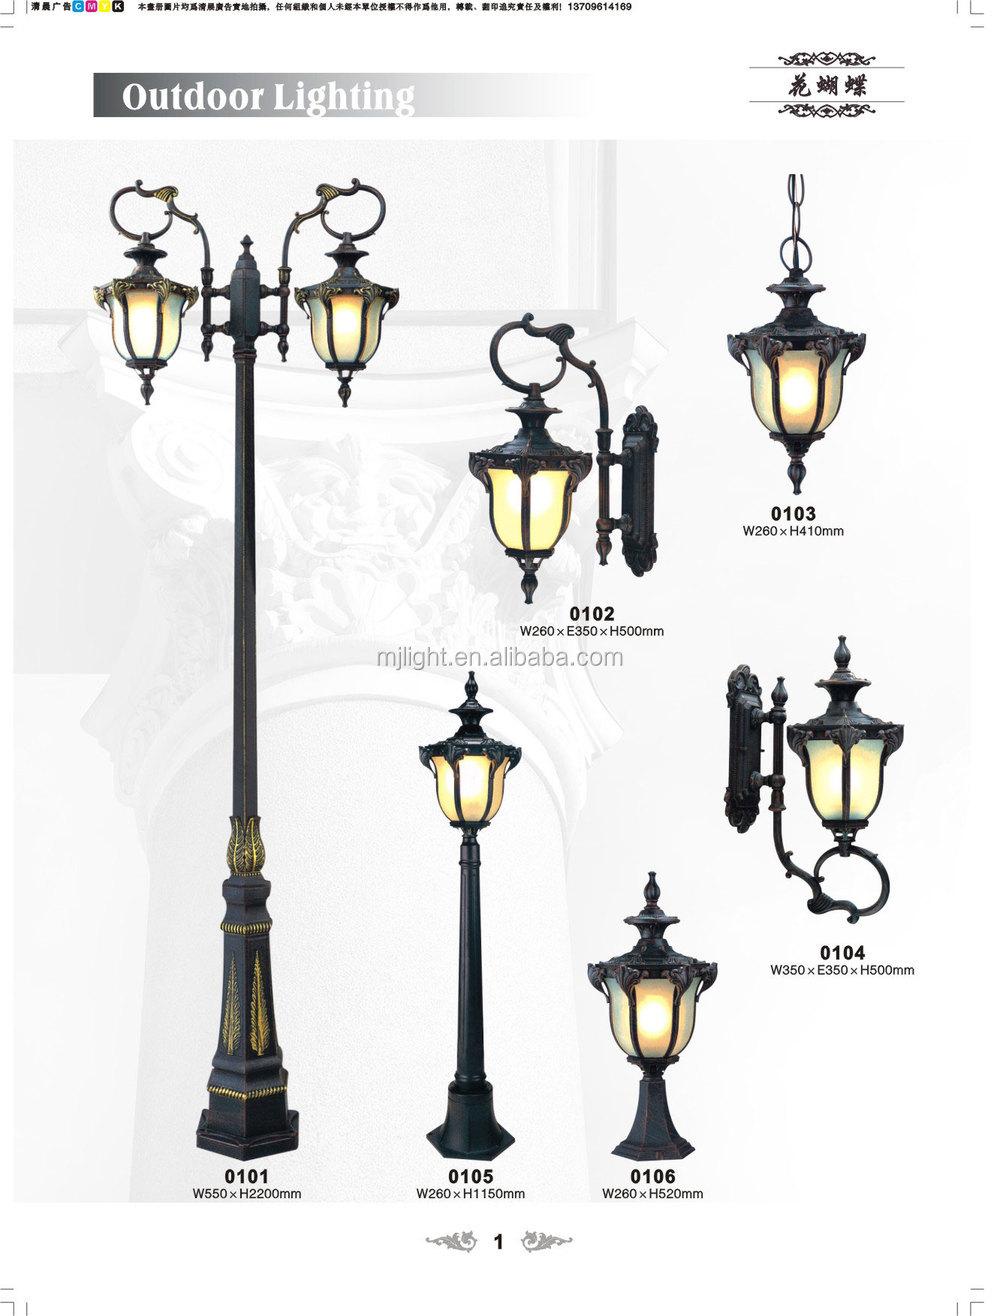 Outdoor Led Cast Iron Decorative Garden Light Pole View Tai Zhan Ming Jing Product Details From Zhongshan Guzhen Taizhan Lighting